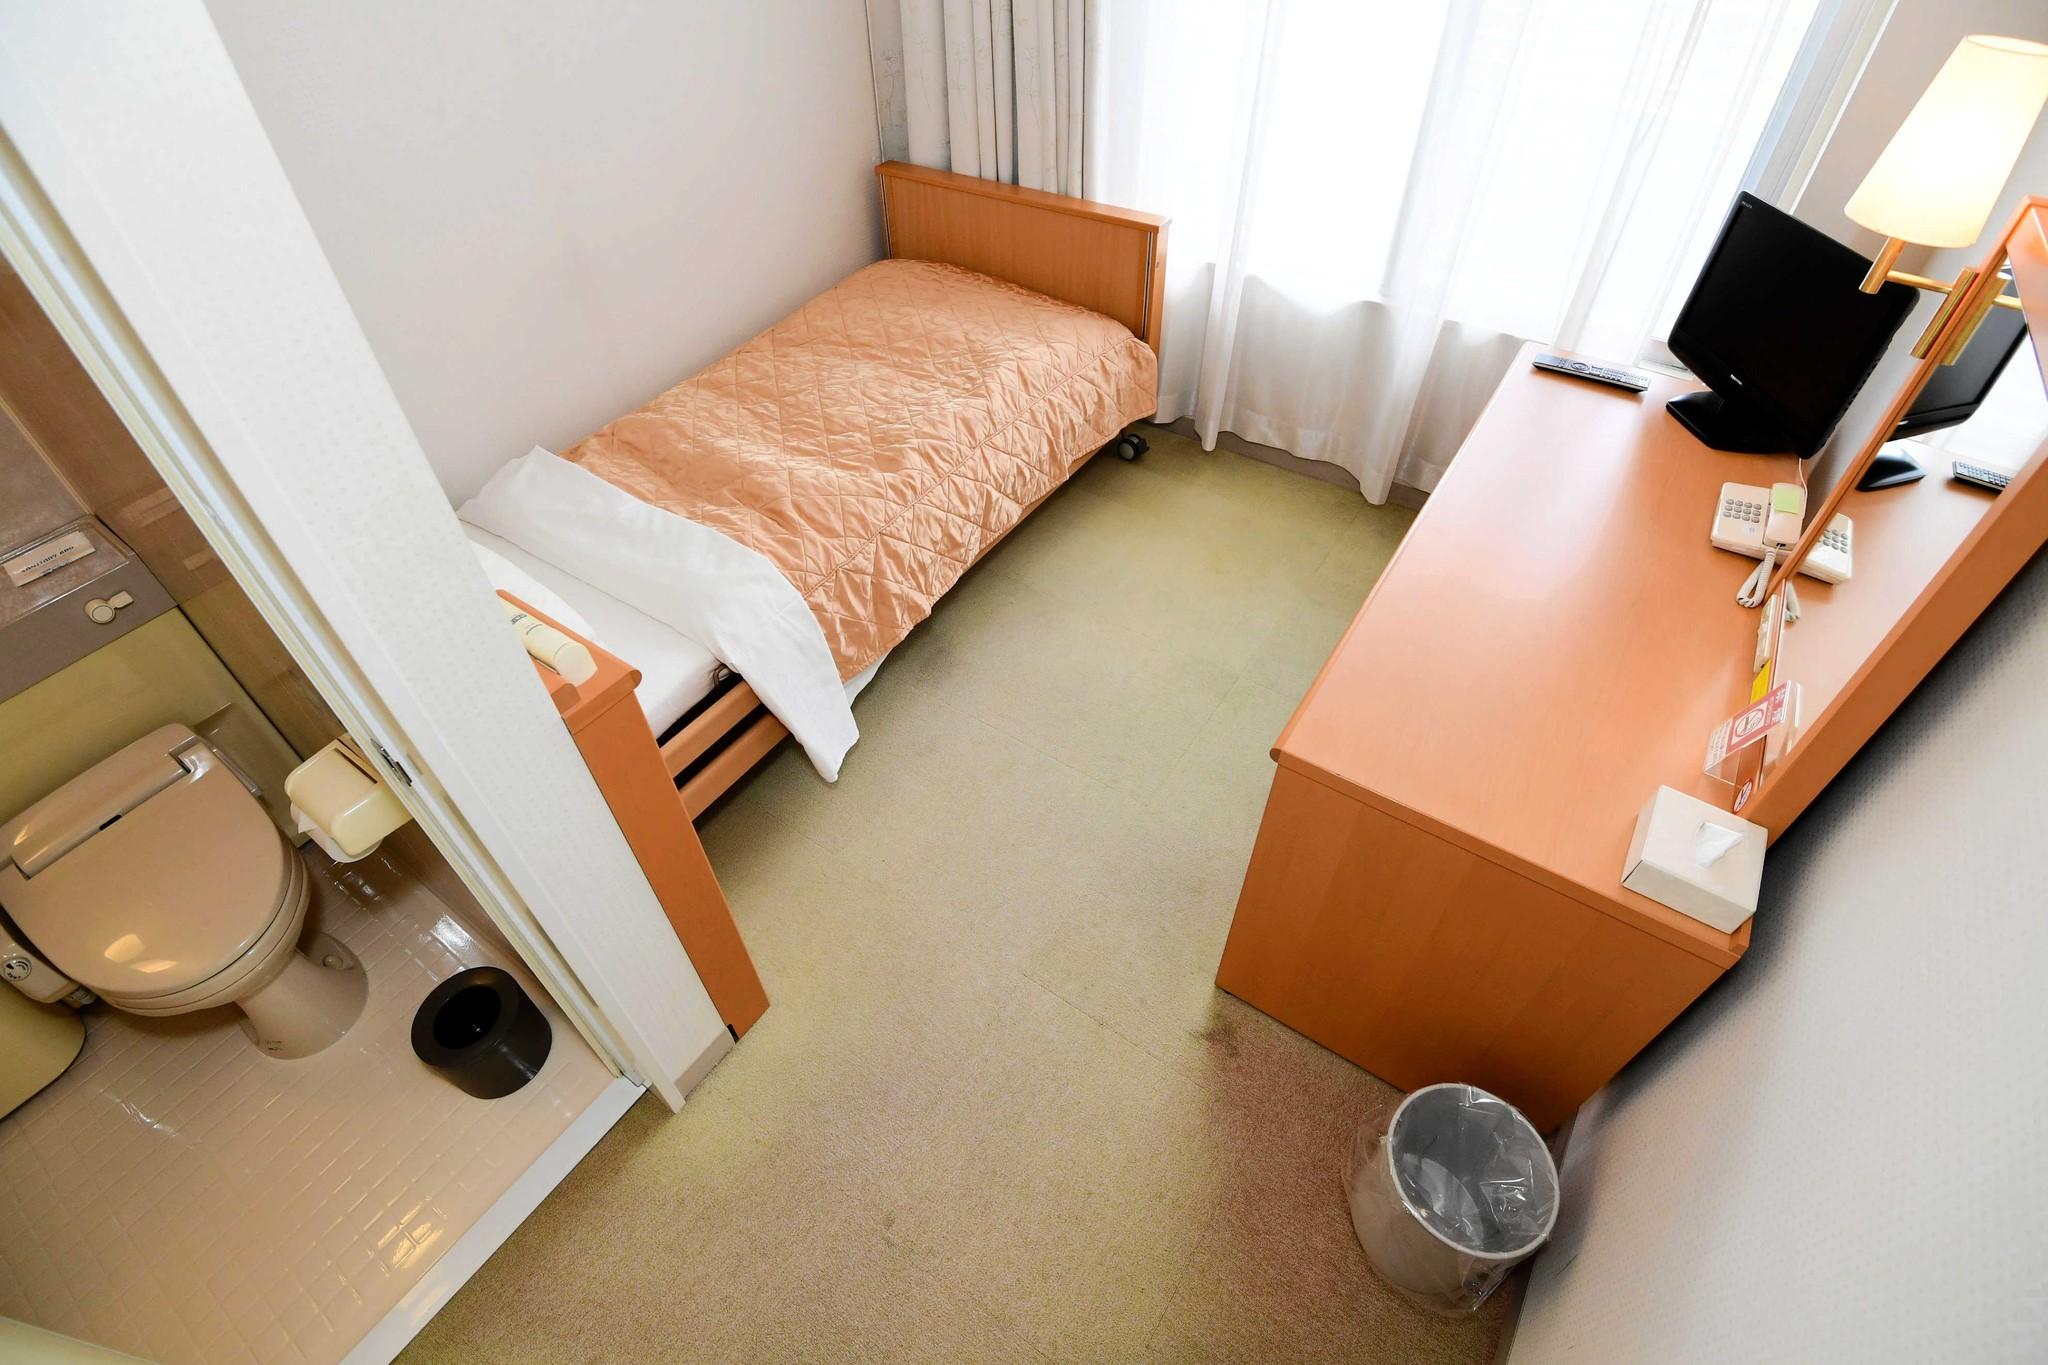 ホテル 療養 費用